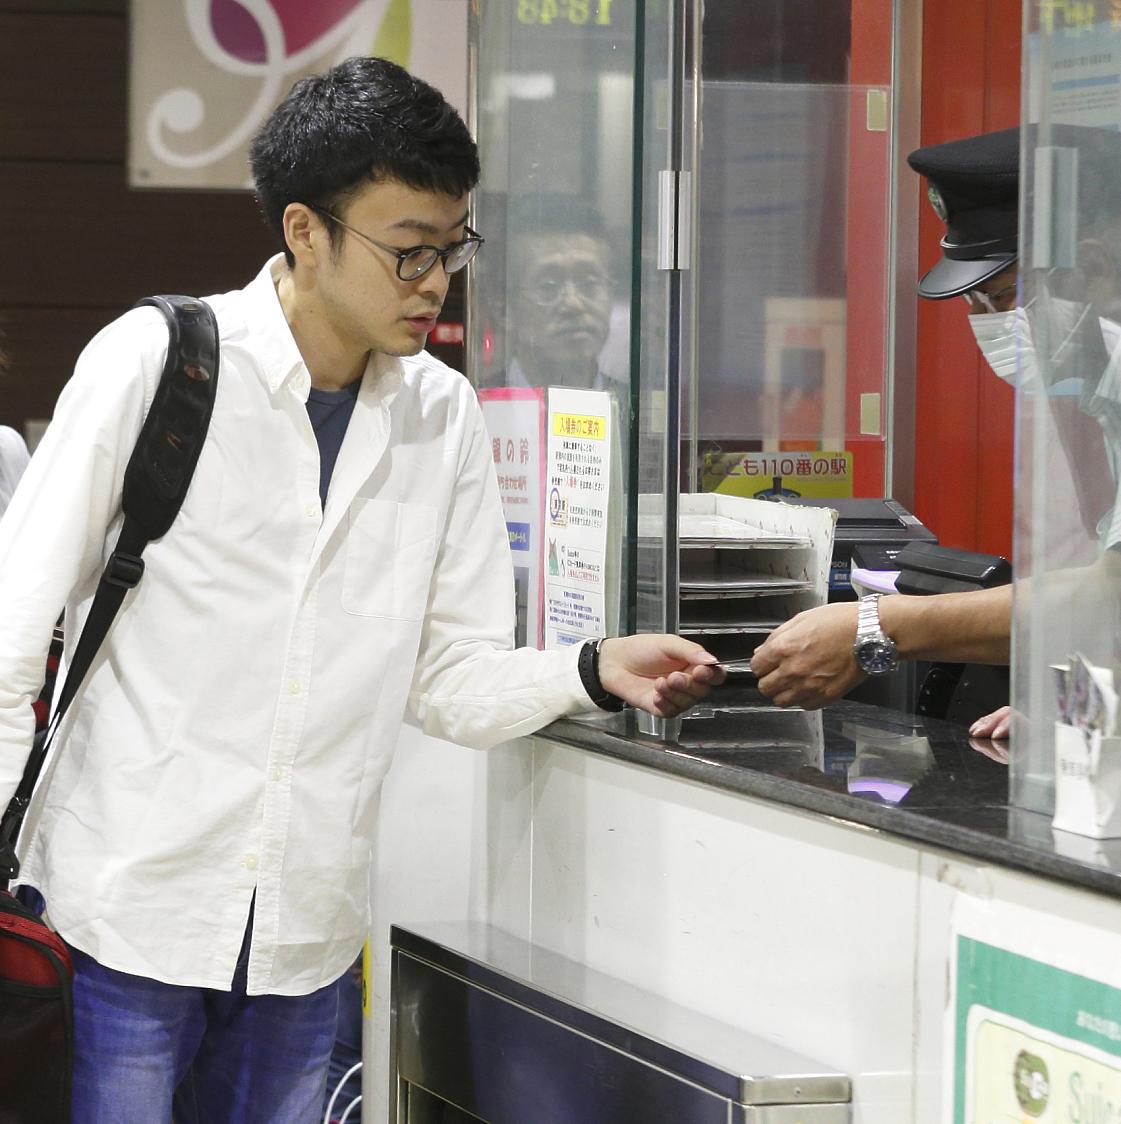 年末年始もう迷わない! 東京駅を1時間で効率よく回る方法。